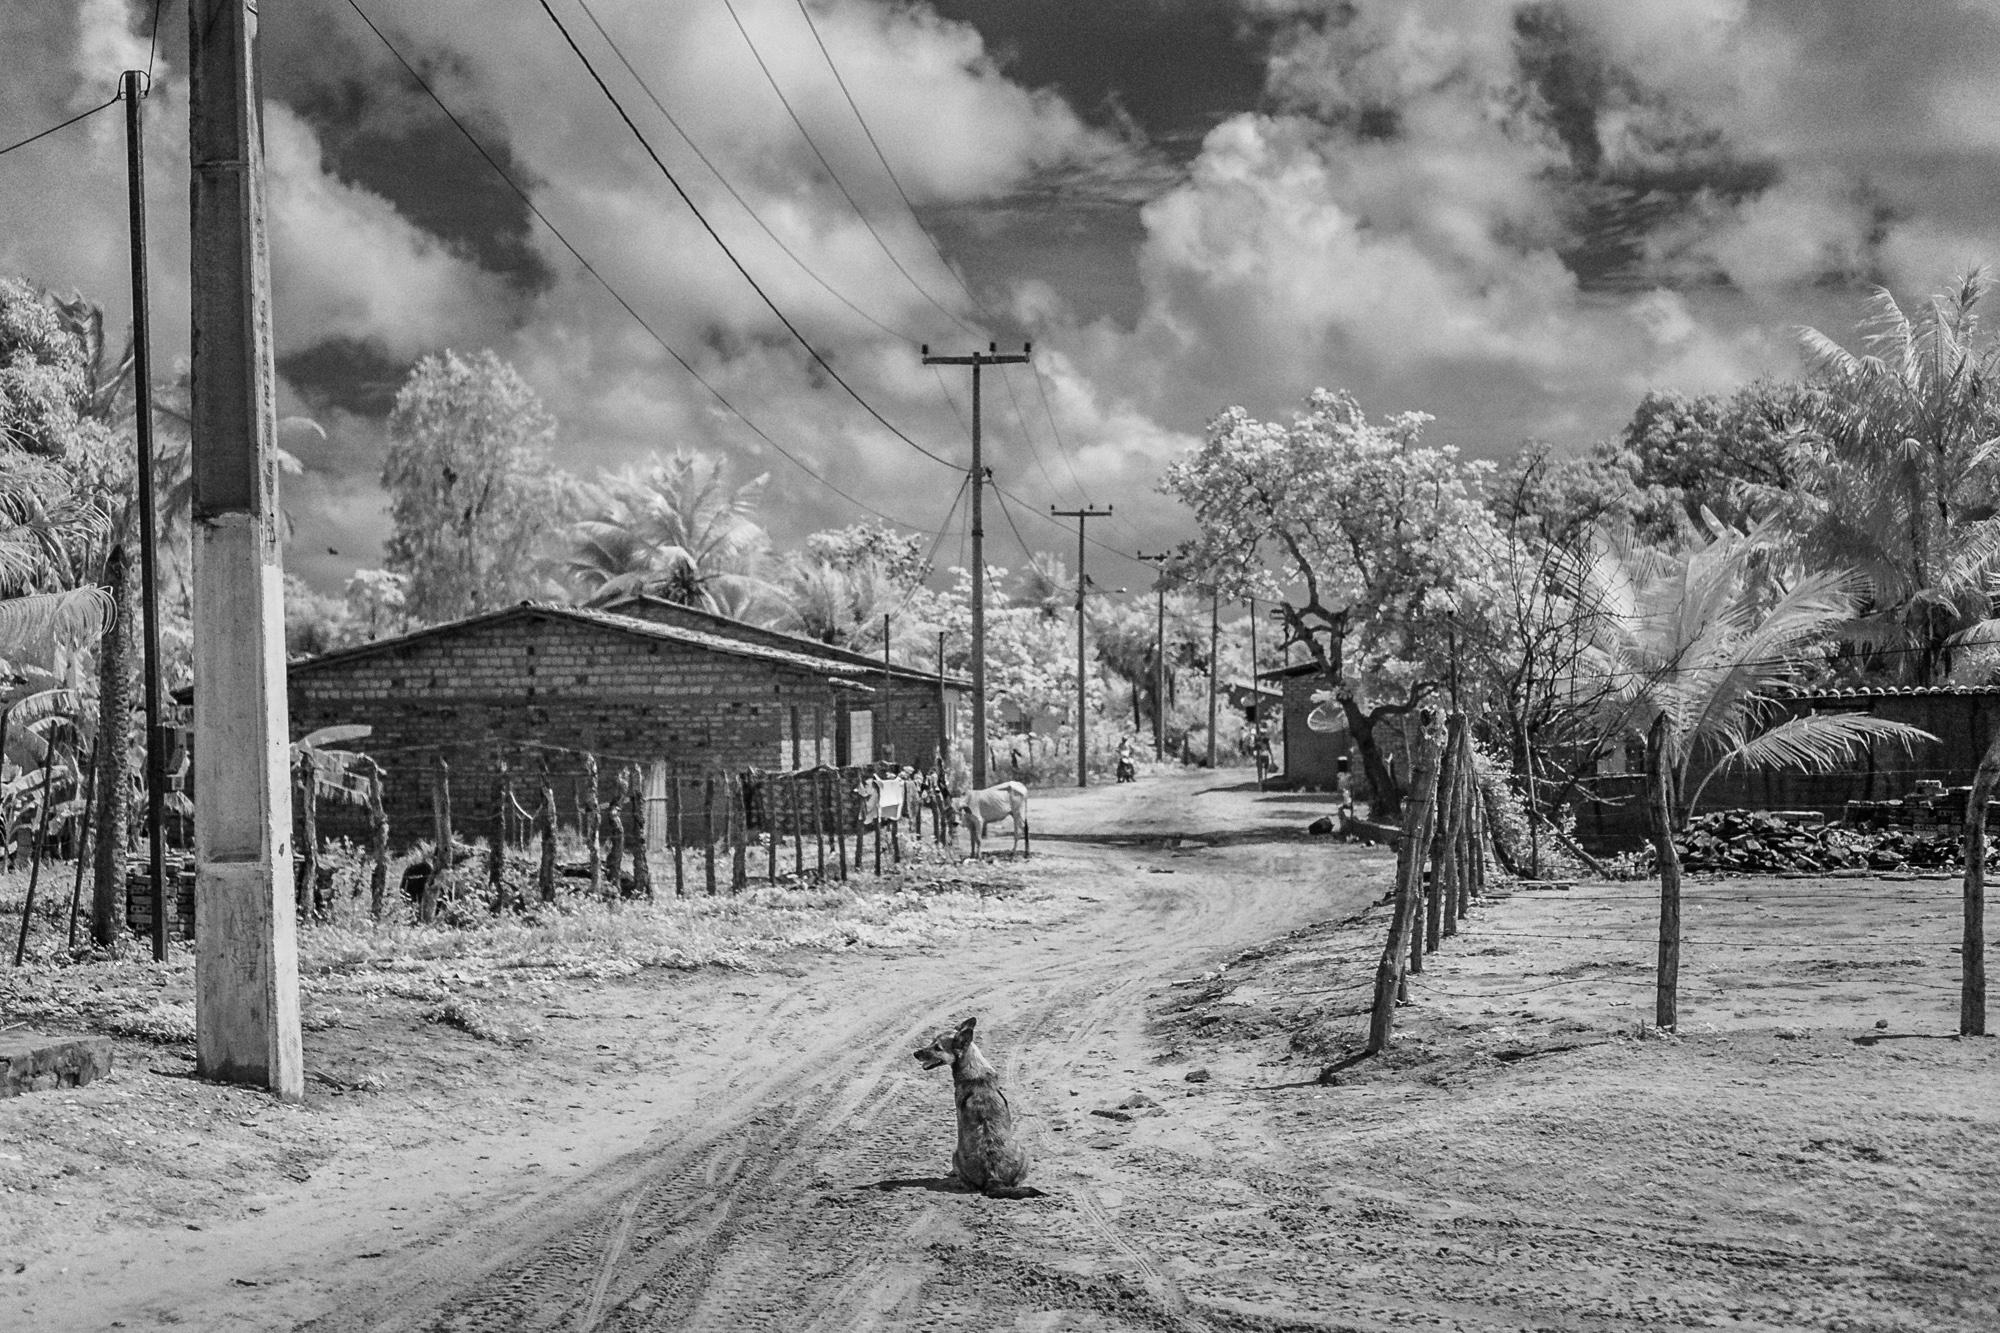 Scott_Myers_Brazil_Infrared-0925.jpg